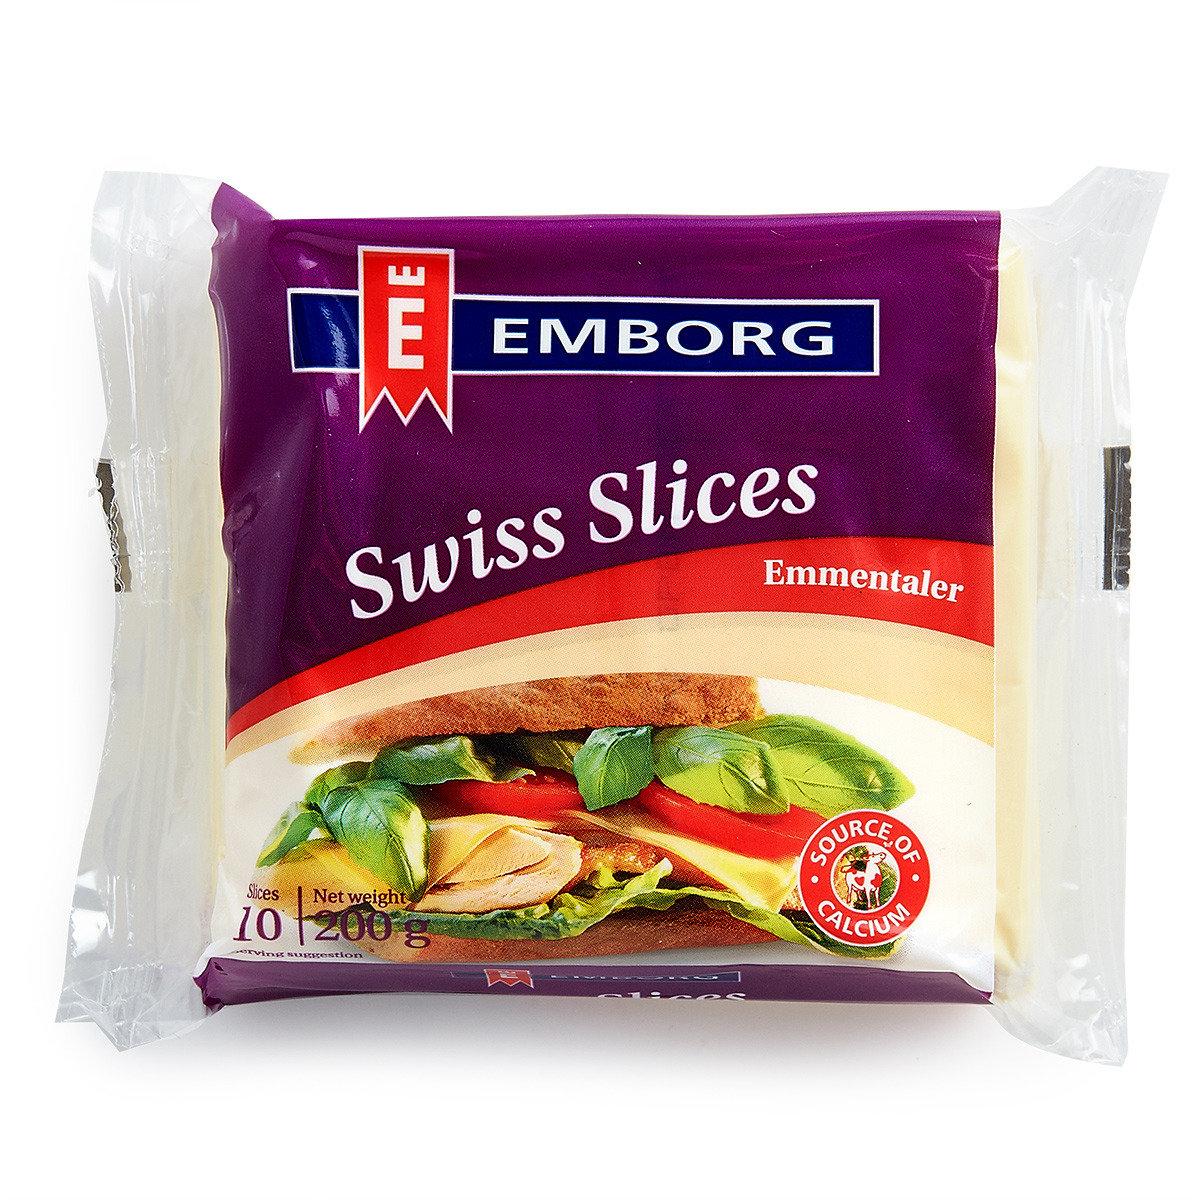 丹麥紫堡牌艾民頓片裝芝士 (10片) (冷凍)